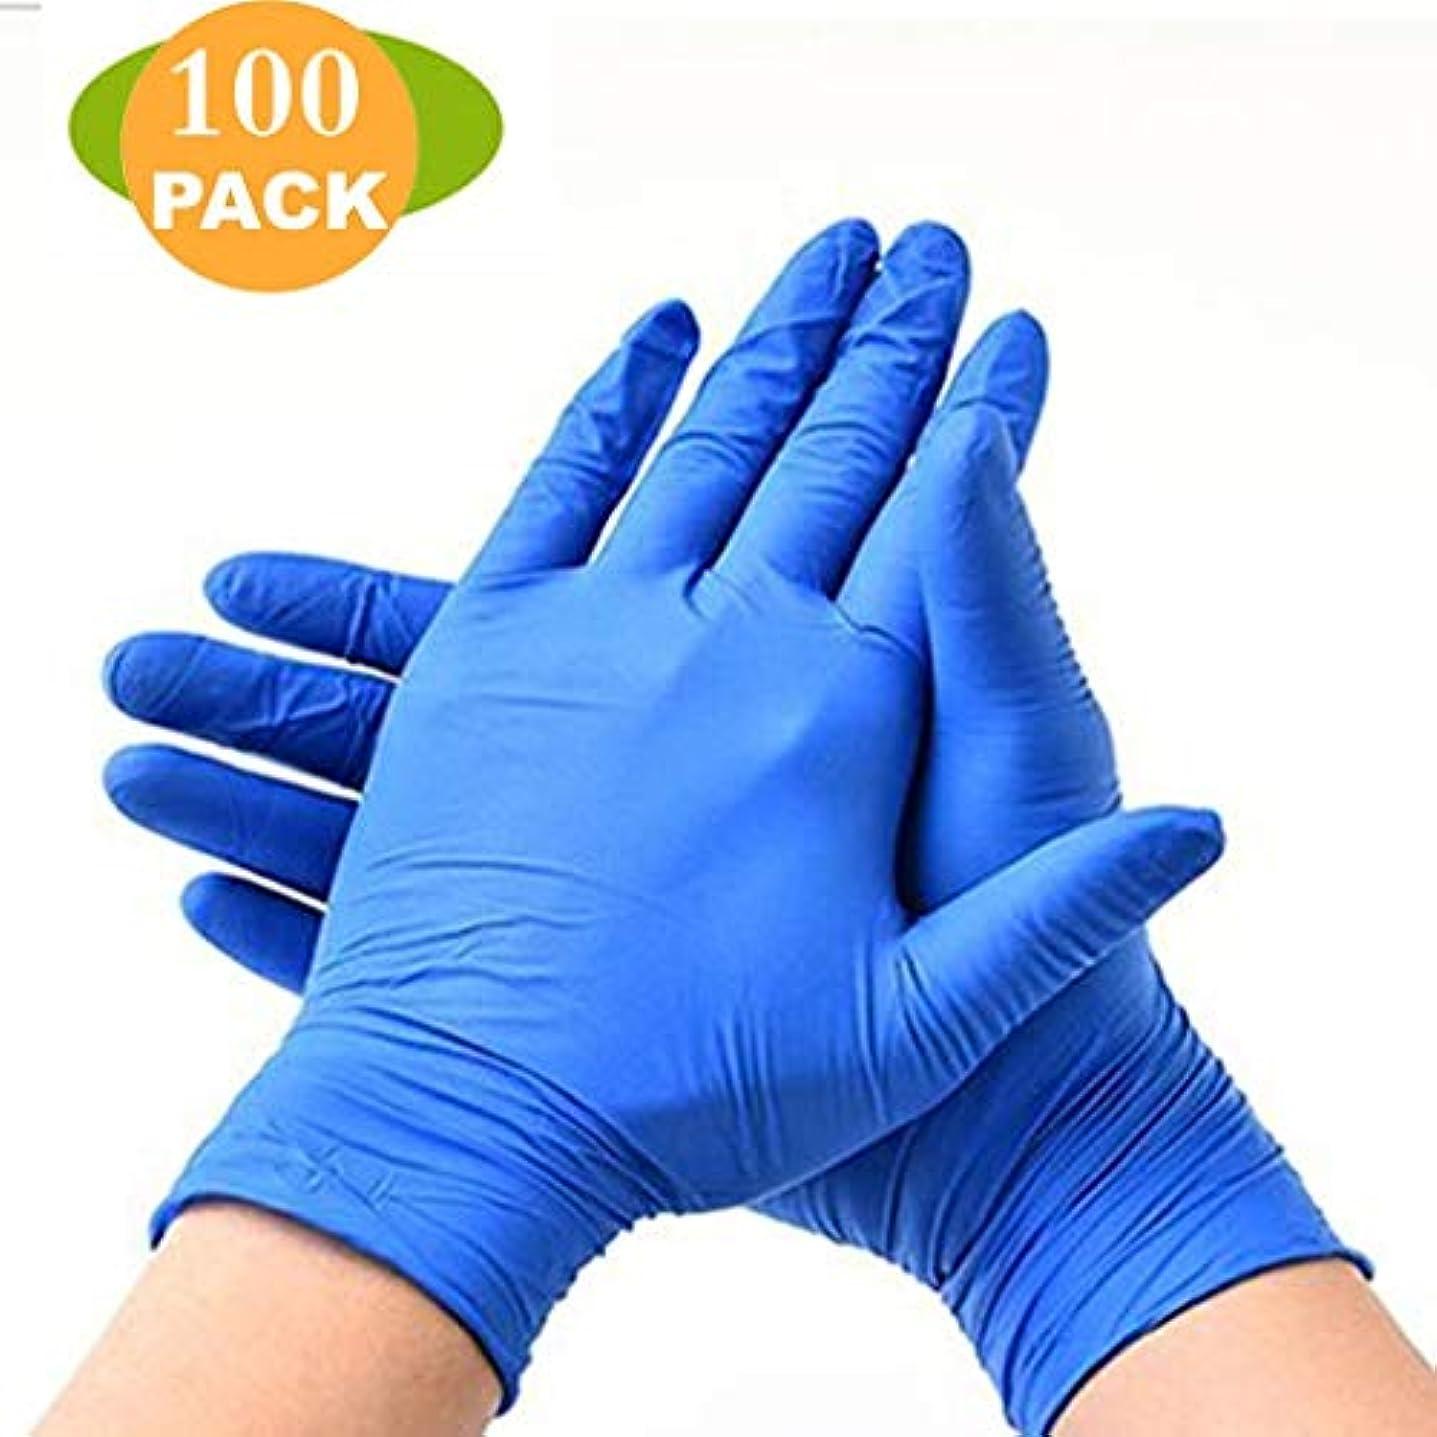 エーカー去る小石使い捨て耐久性のある厚手の手袋の実験室の食用油と耐酸性-100パーボックス (Color : Blue, Size : L)